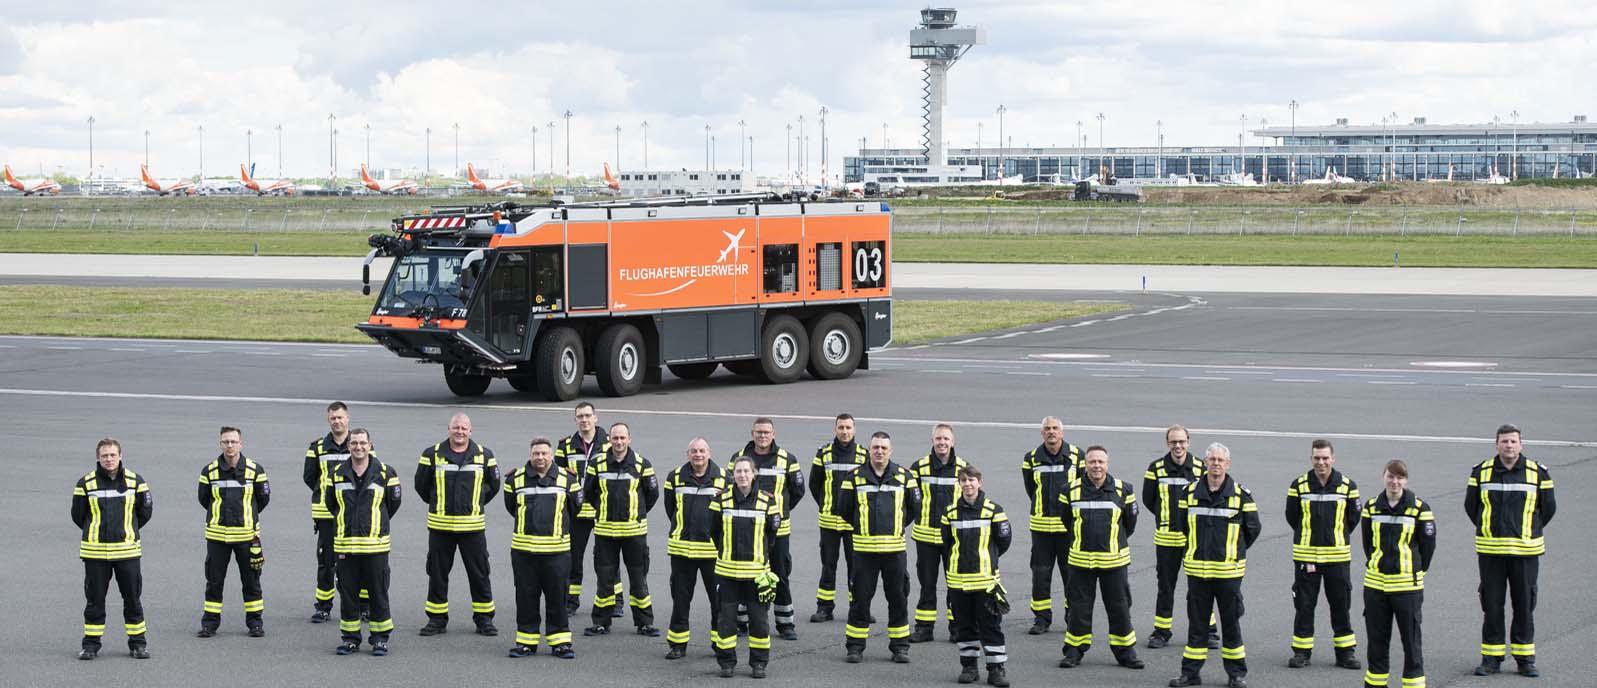 #immerImDienstTag: Die Flughafenfeuerwehr am BER